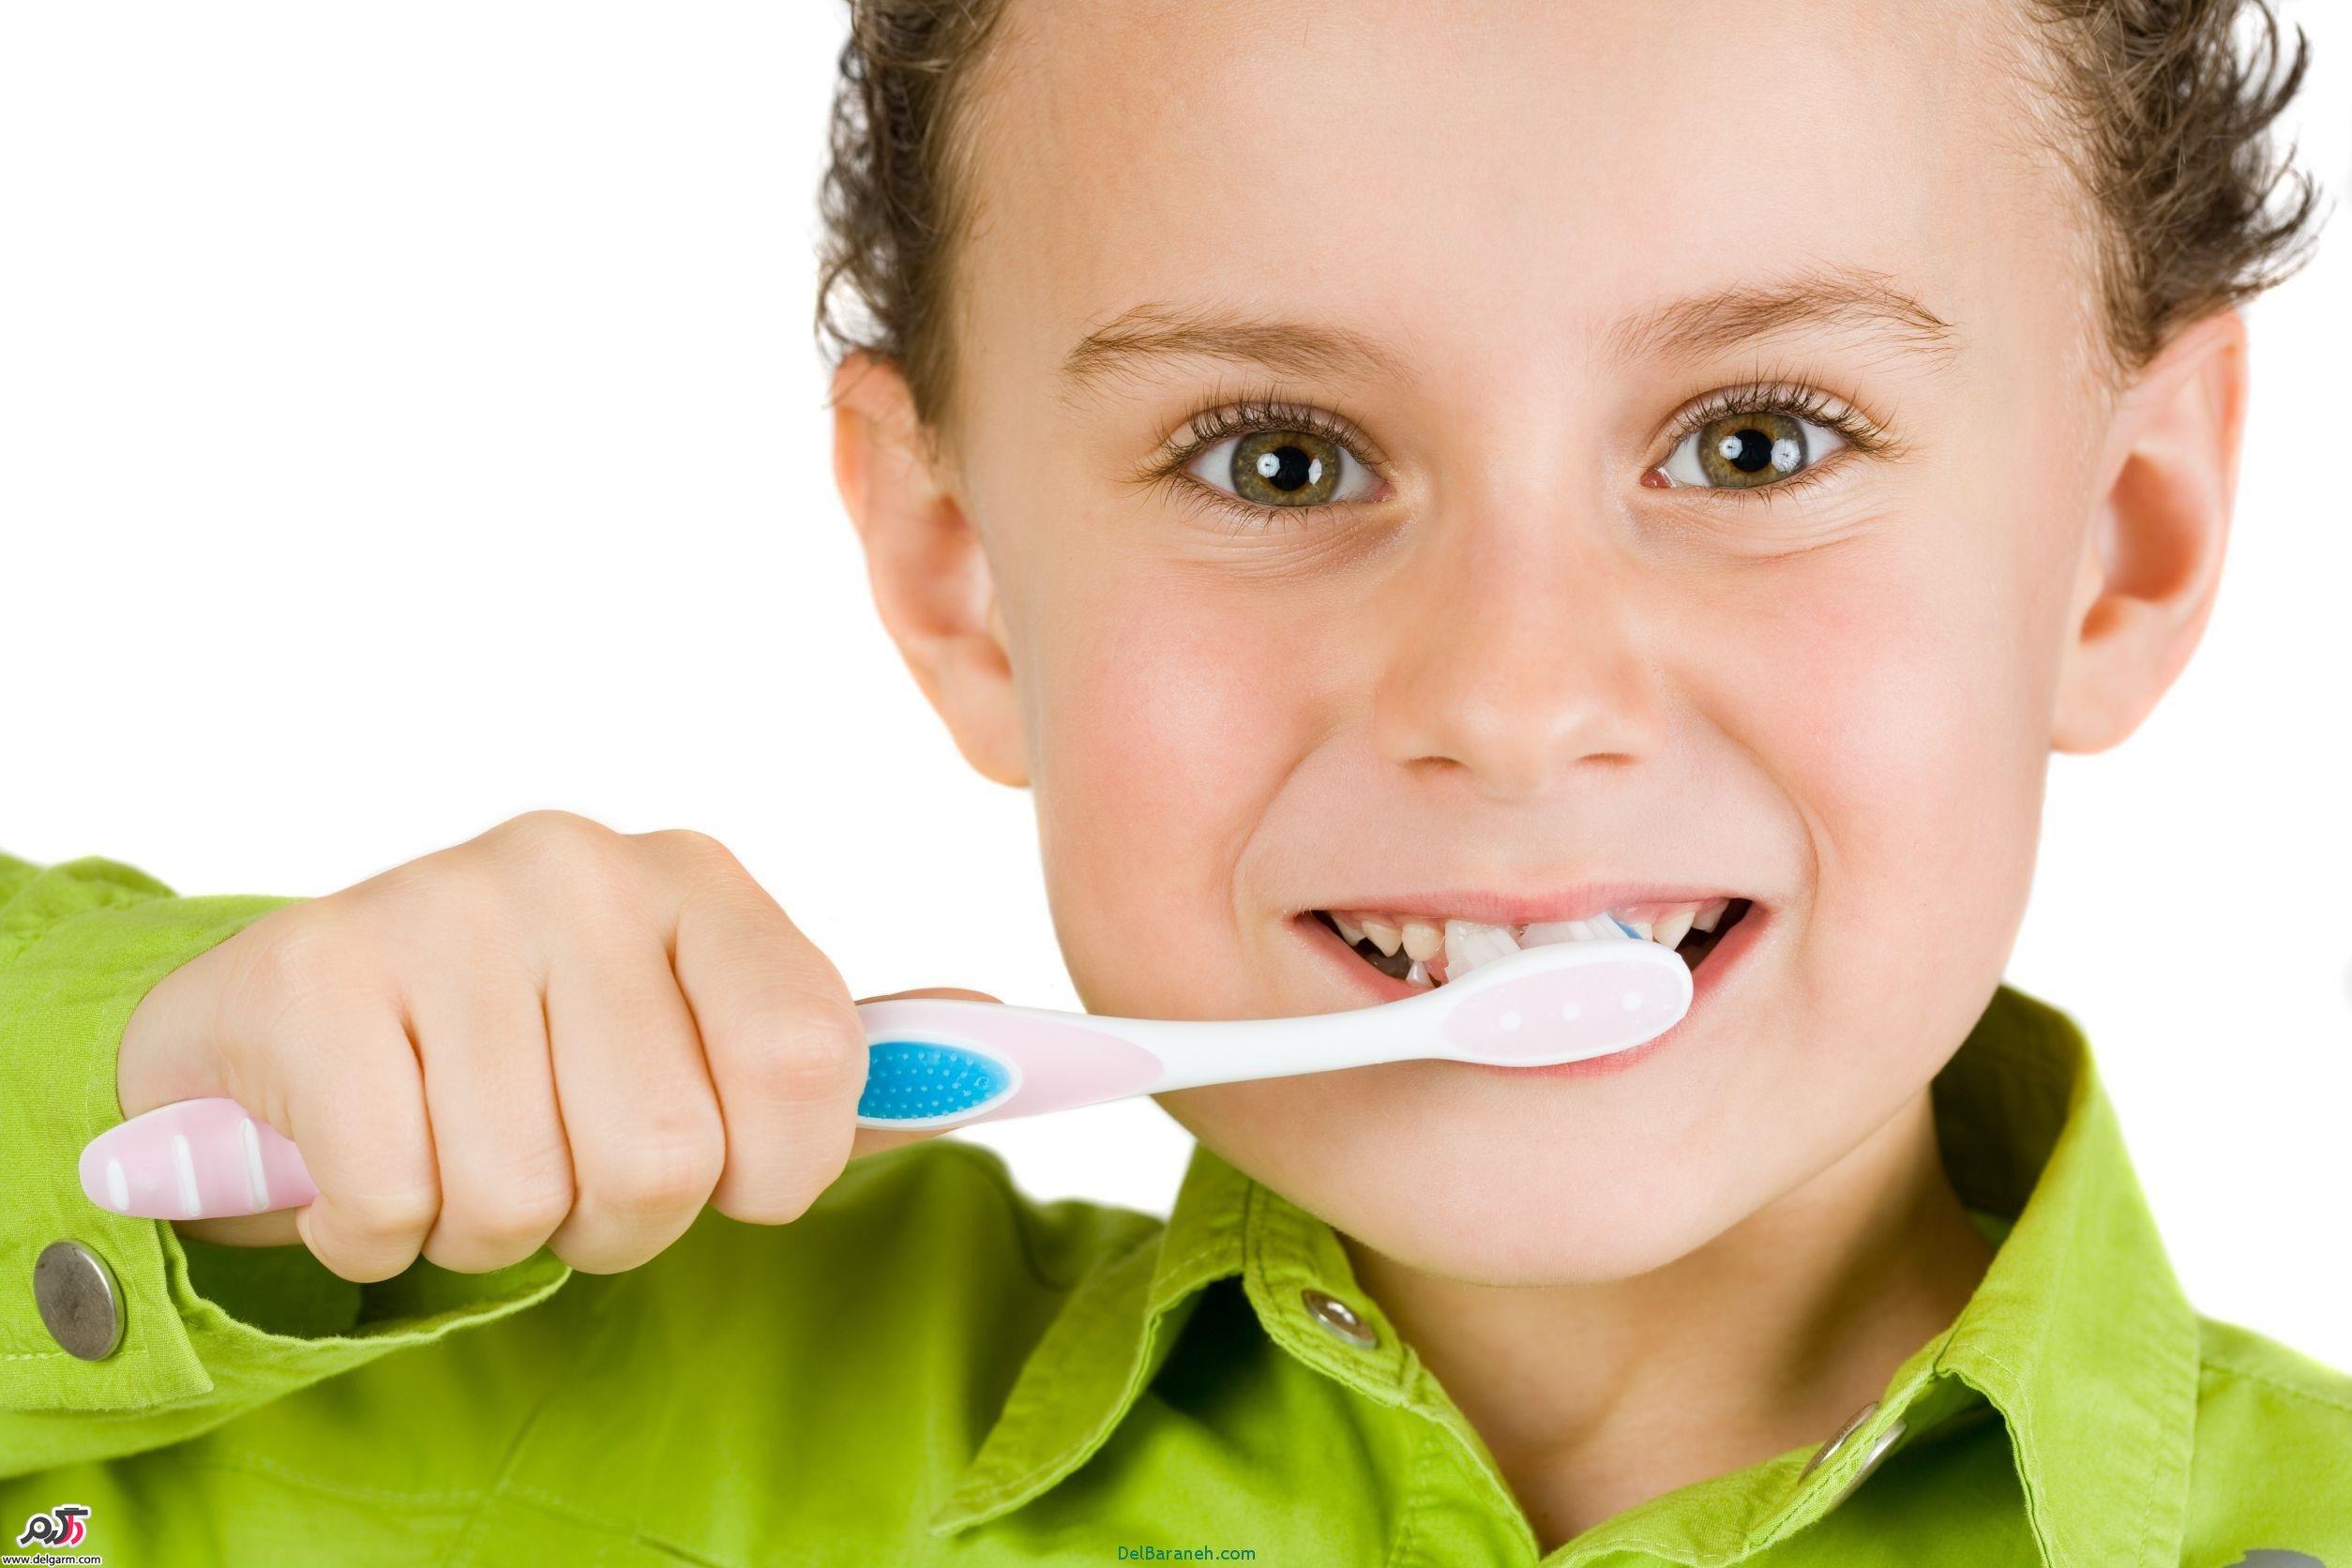 پوسیدگی دندانهای شیری از مهمترین مشکلات دندانی دوران کودکی است